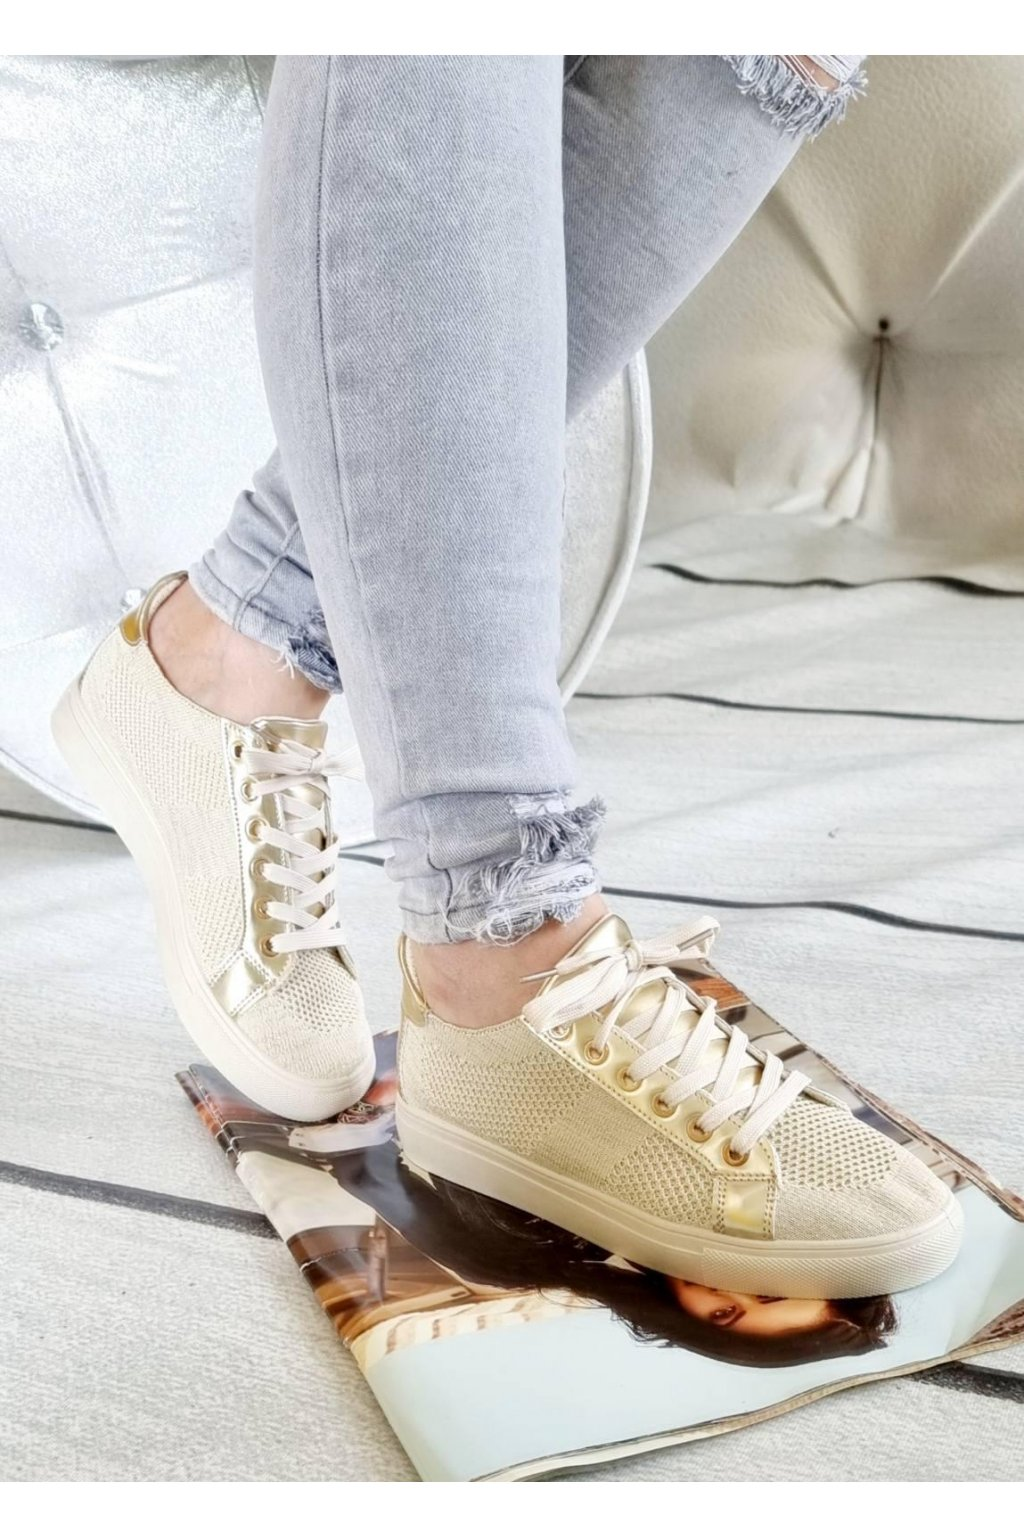 tenisky SENDY béžové plátěné trendy